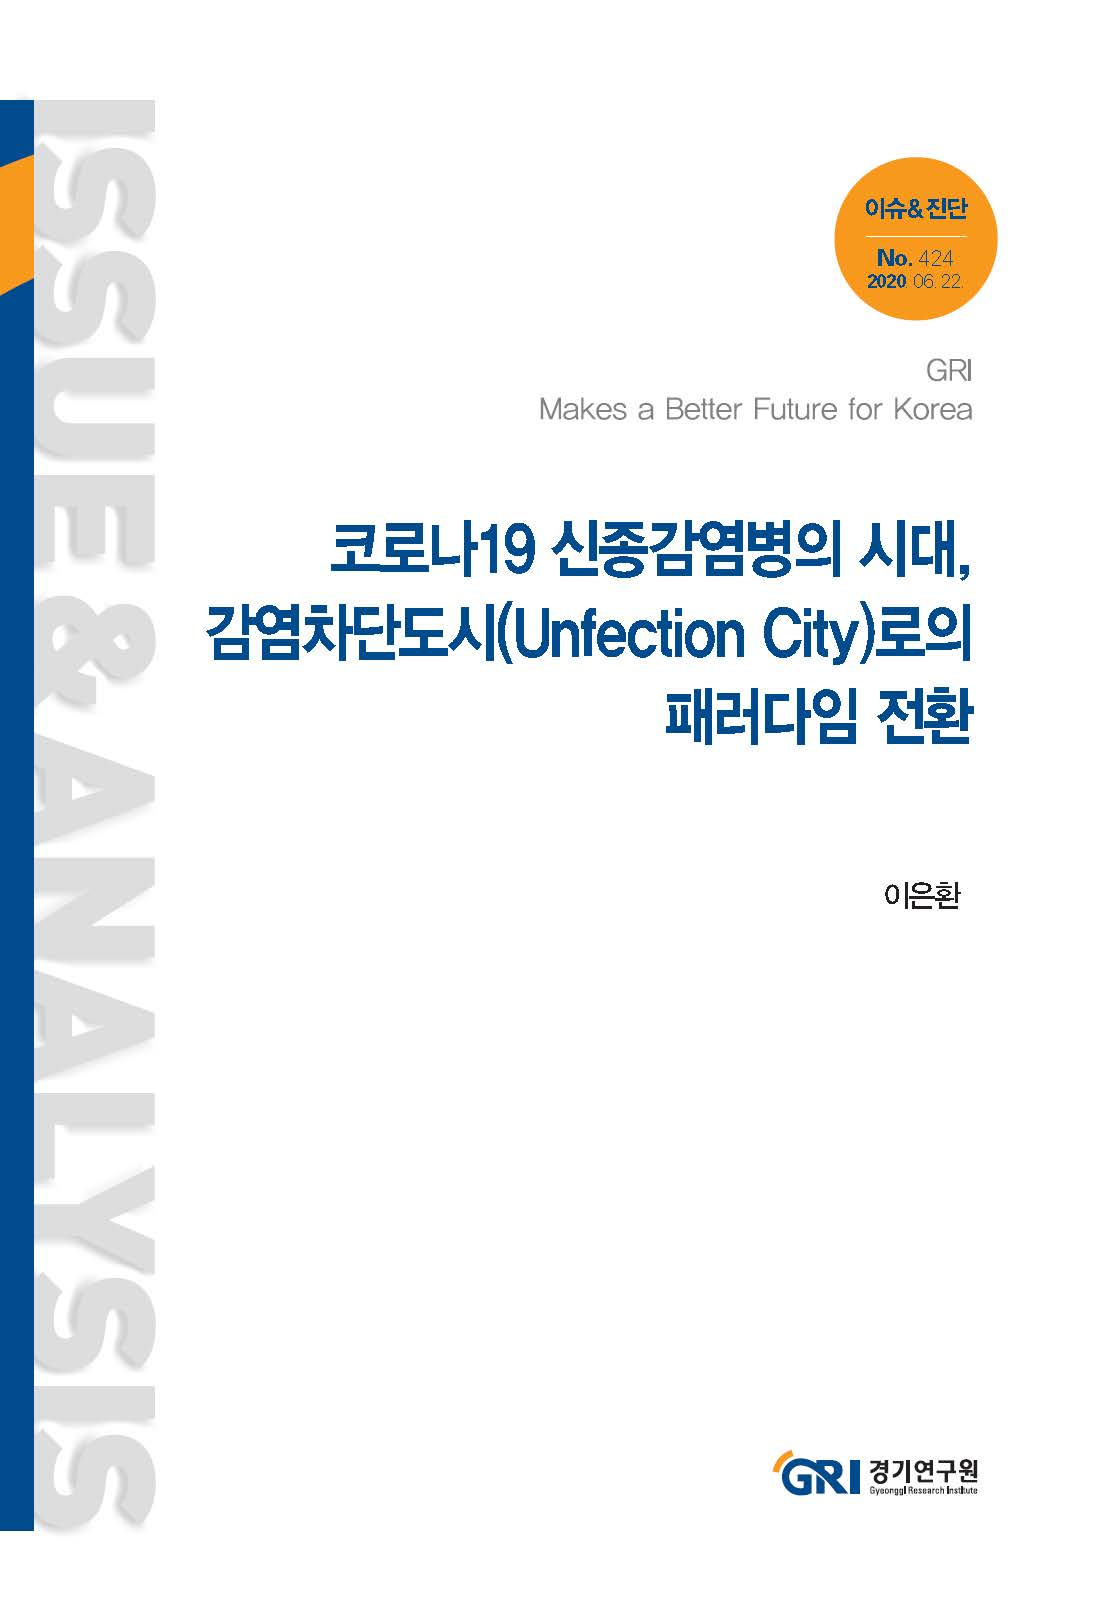 코로나19 신종 감염병의 시대, 감염차단도시(Unfection City)로의 패러다임 전환